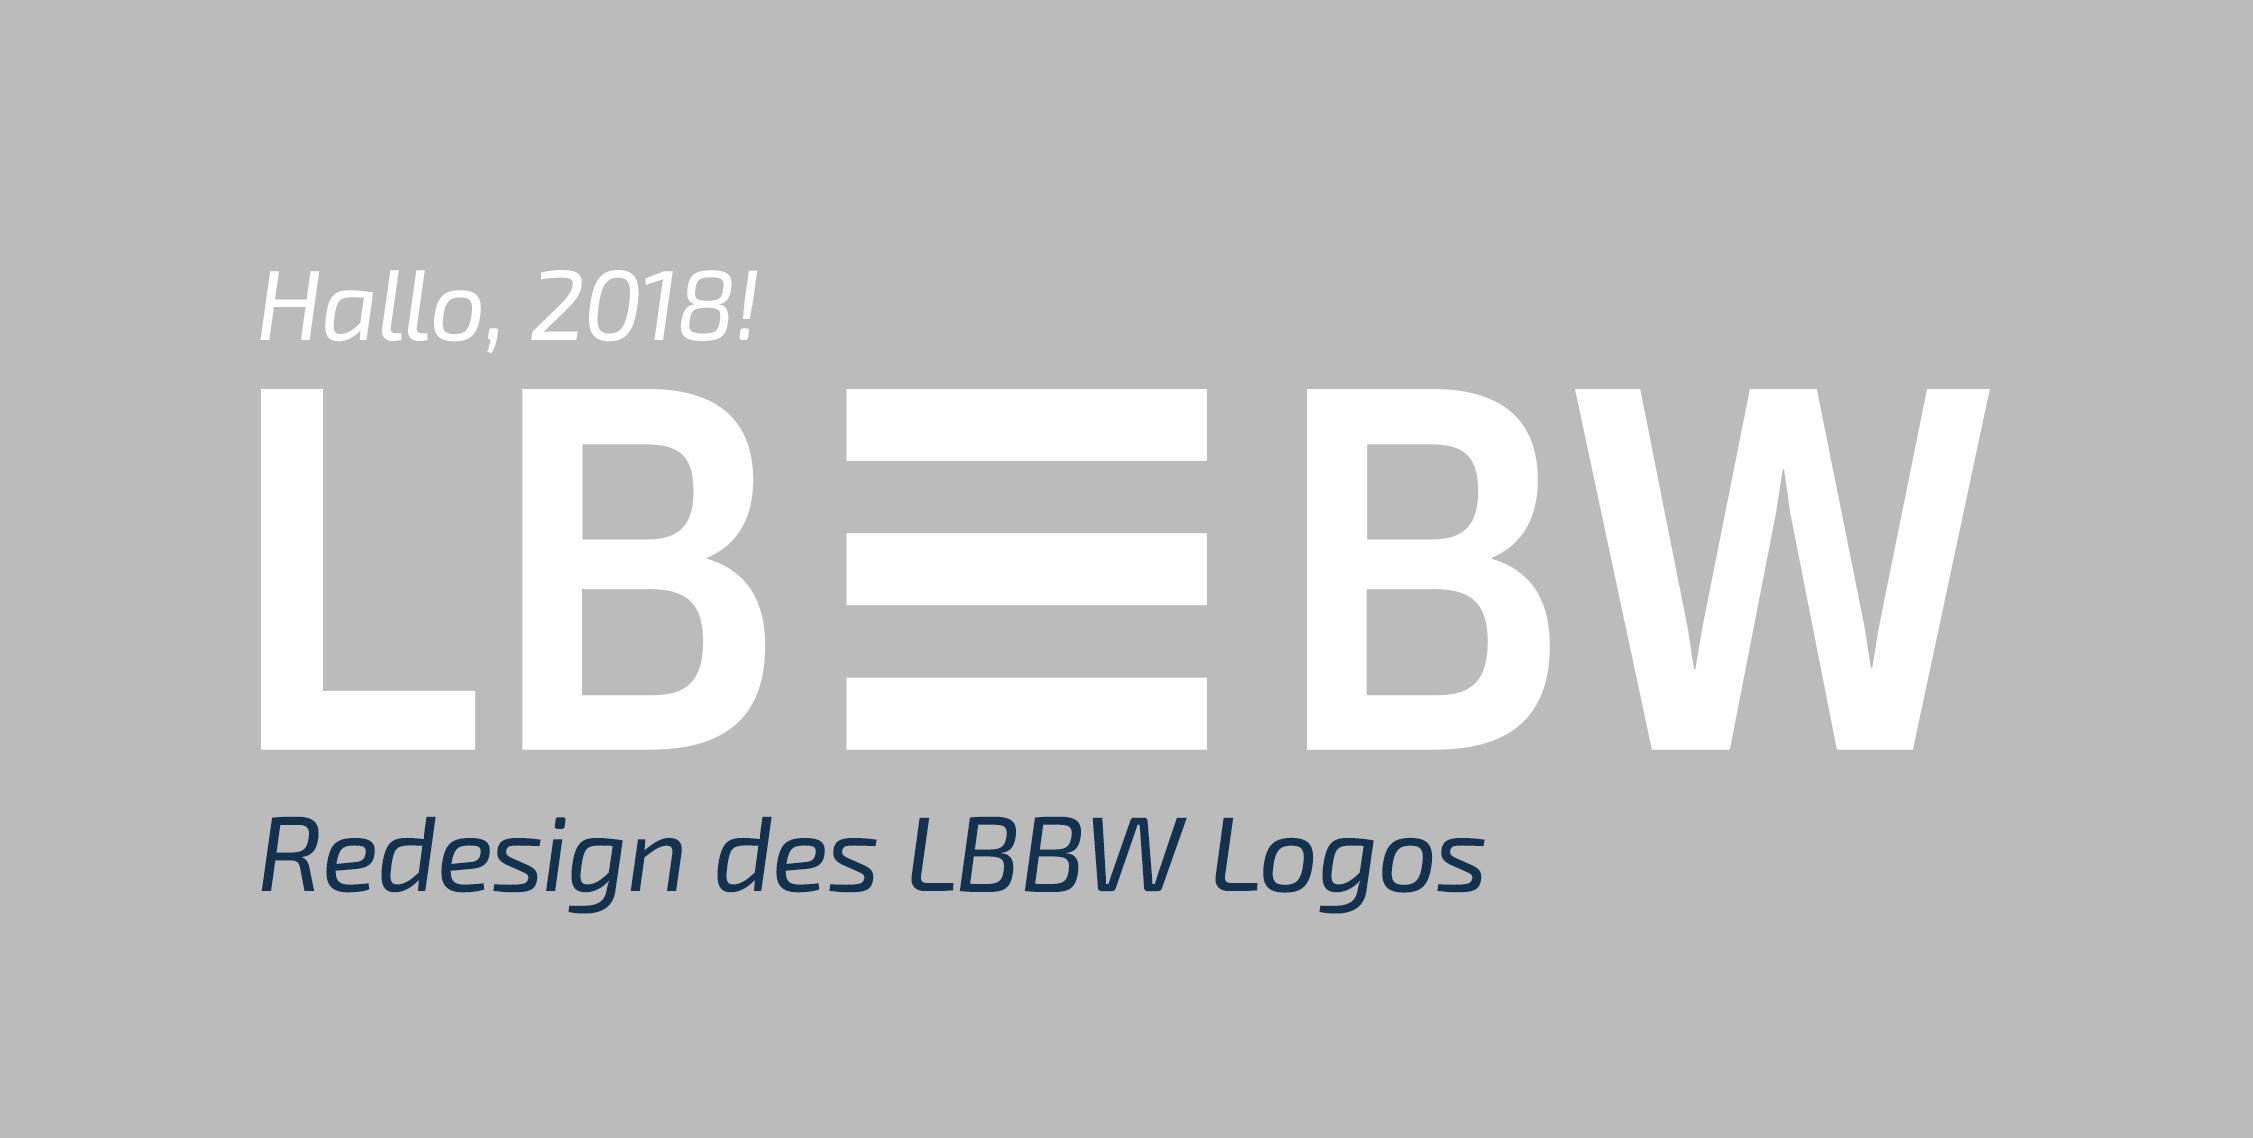 LBBW im neuen Look